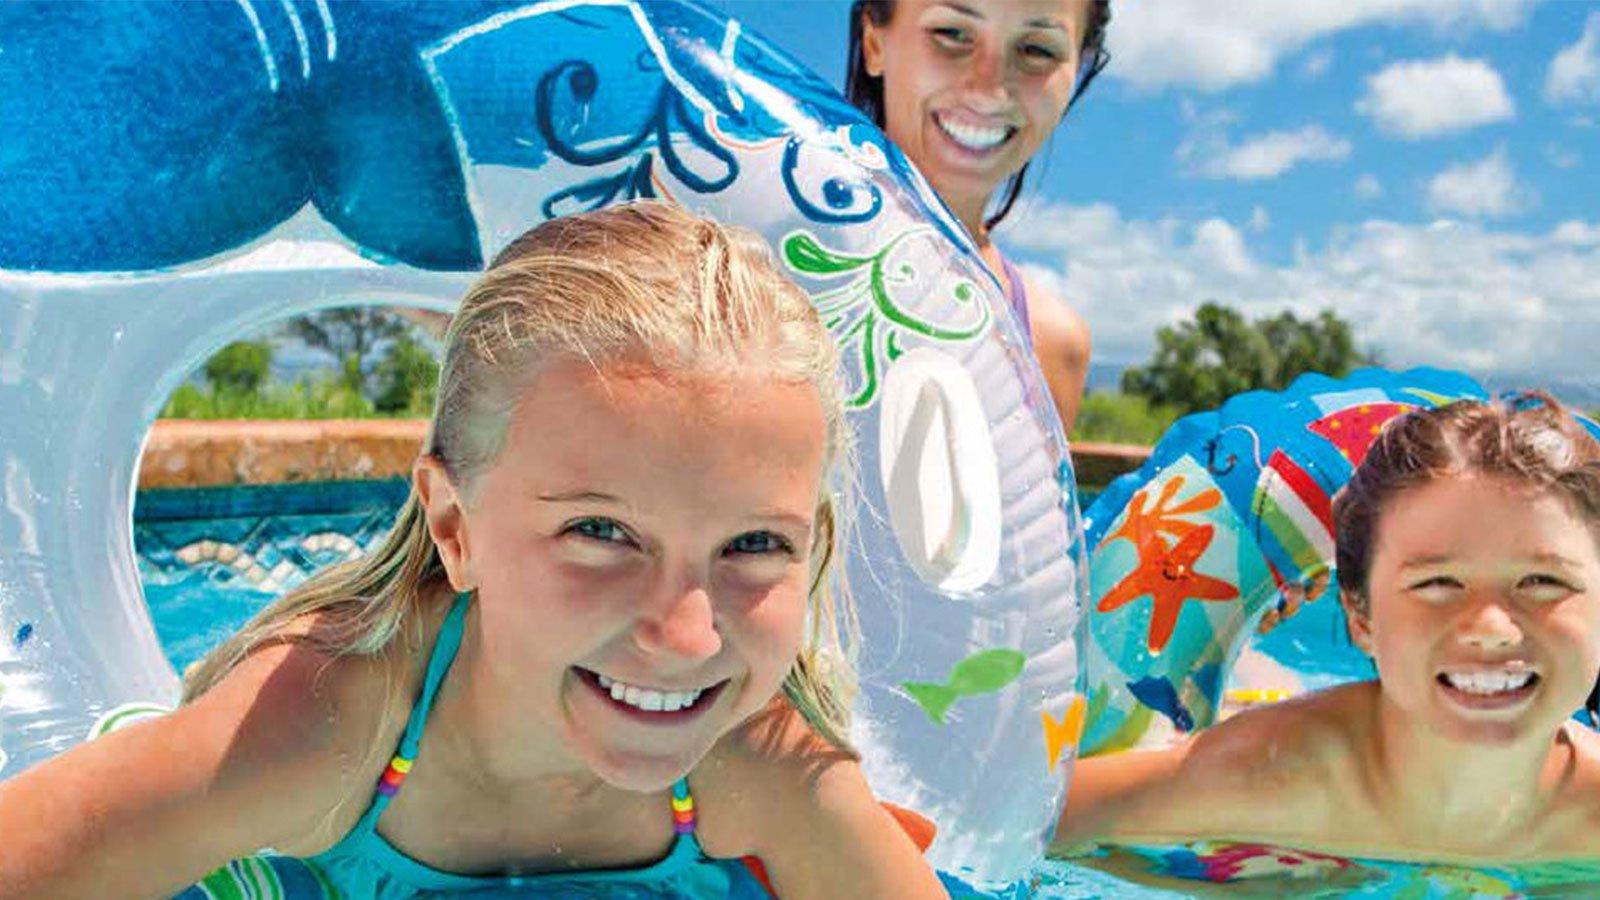 dei bambini con dei salvagenti colorati in piscina e dietro una ragazza